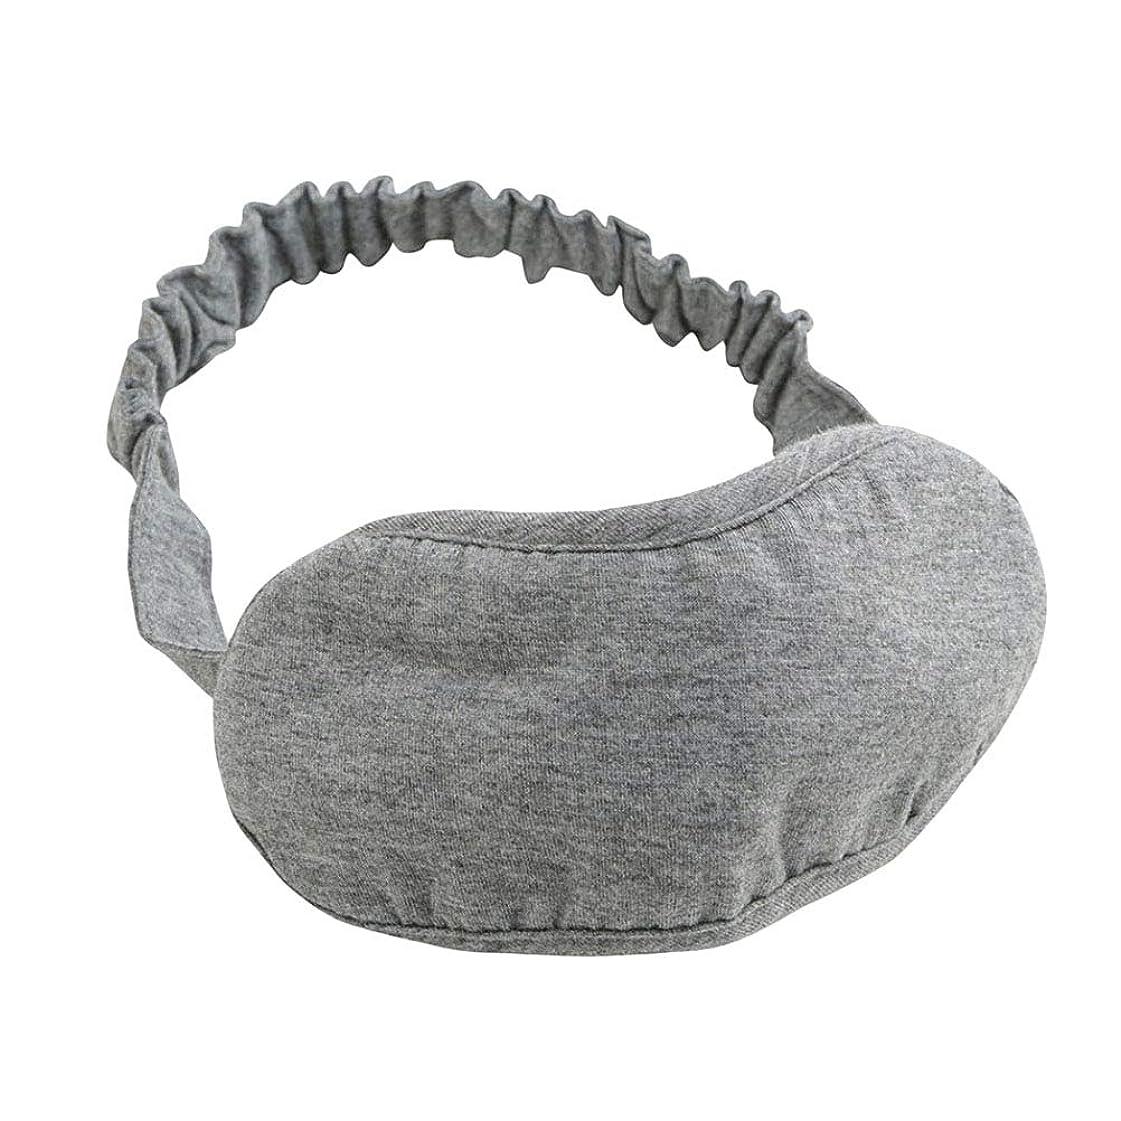 ゾーン具体的にスキムSUPVOX 睡眠マスクコットンアイマスク厚手の目隠しアイカバー女性のための子供たちの子供ホームベッド旅行のフライトカーキャンプオフィス使用(グレー)